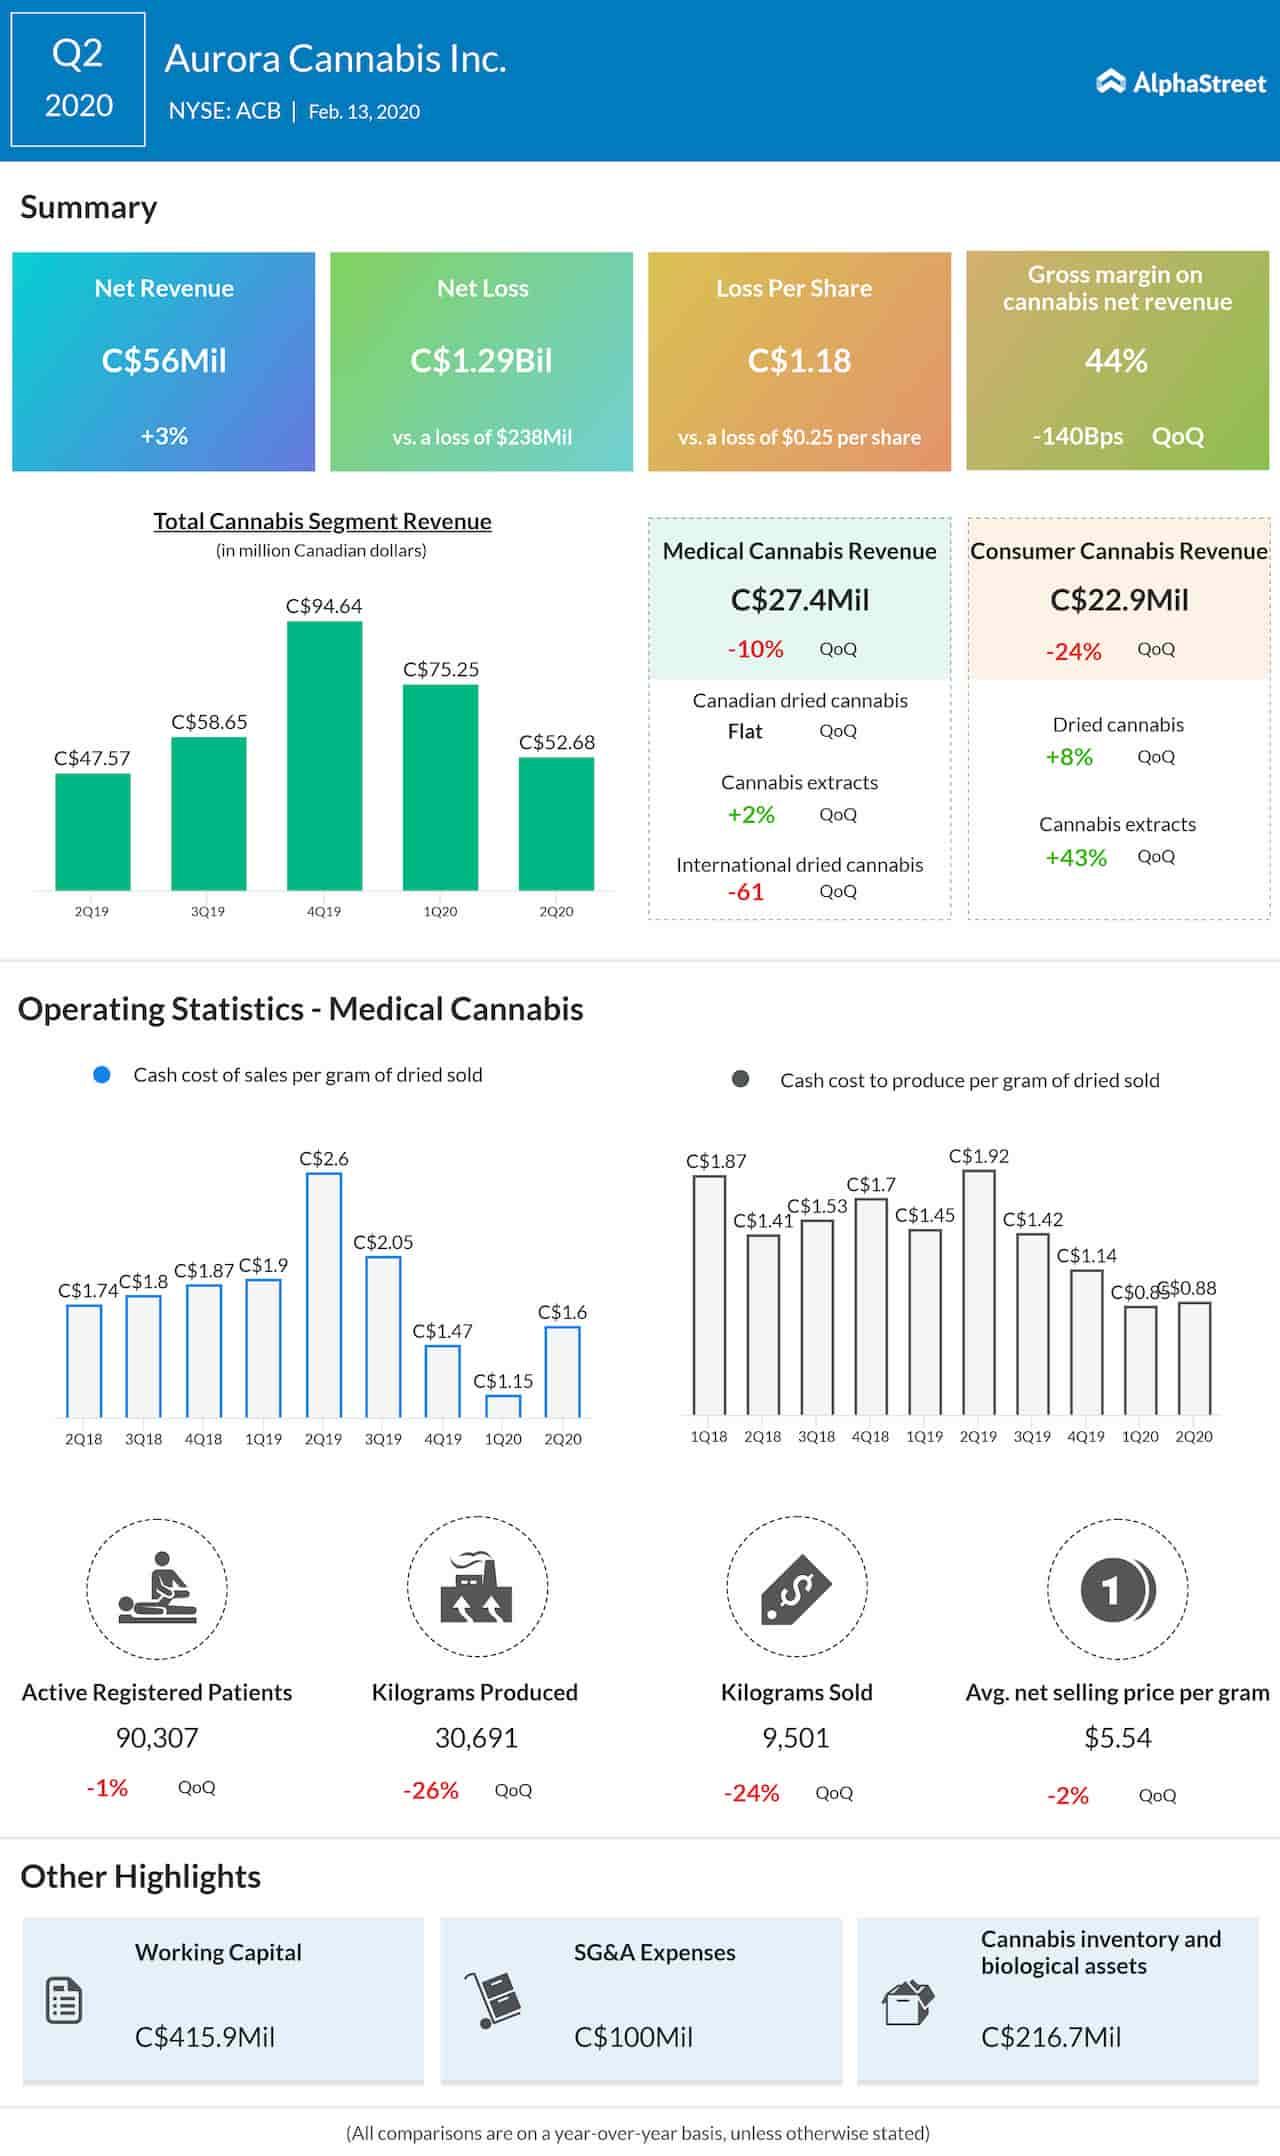 Aurora Cannabis (ACB) reports wider Q2 loss; launches Cannabis 2.0 in Canada